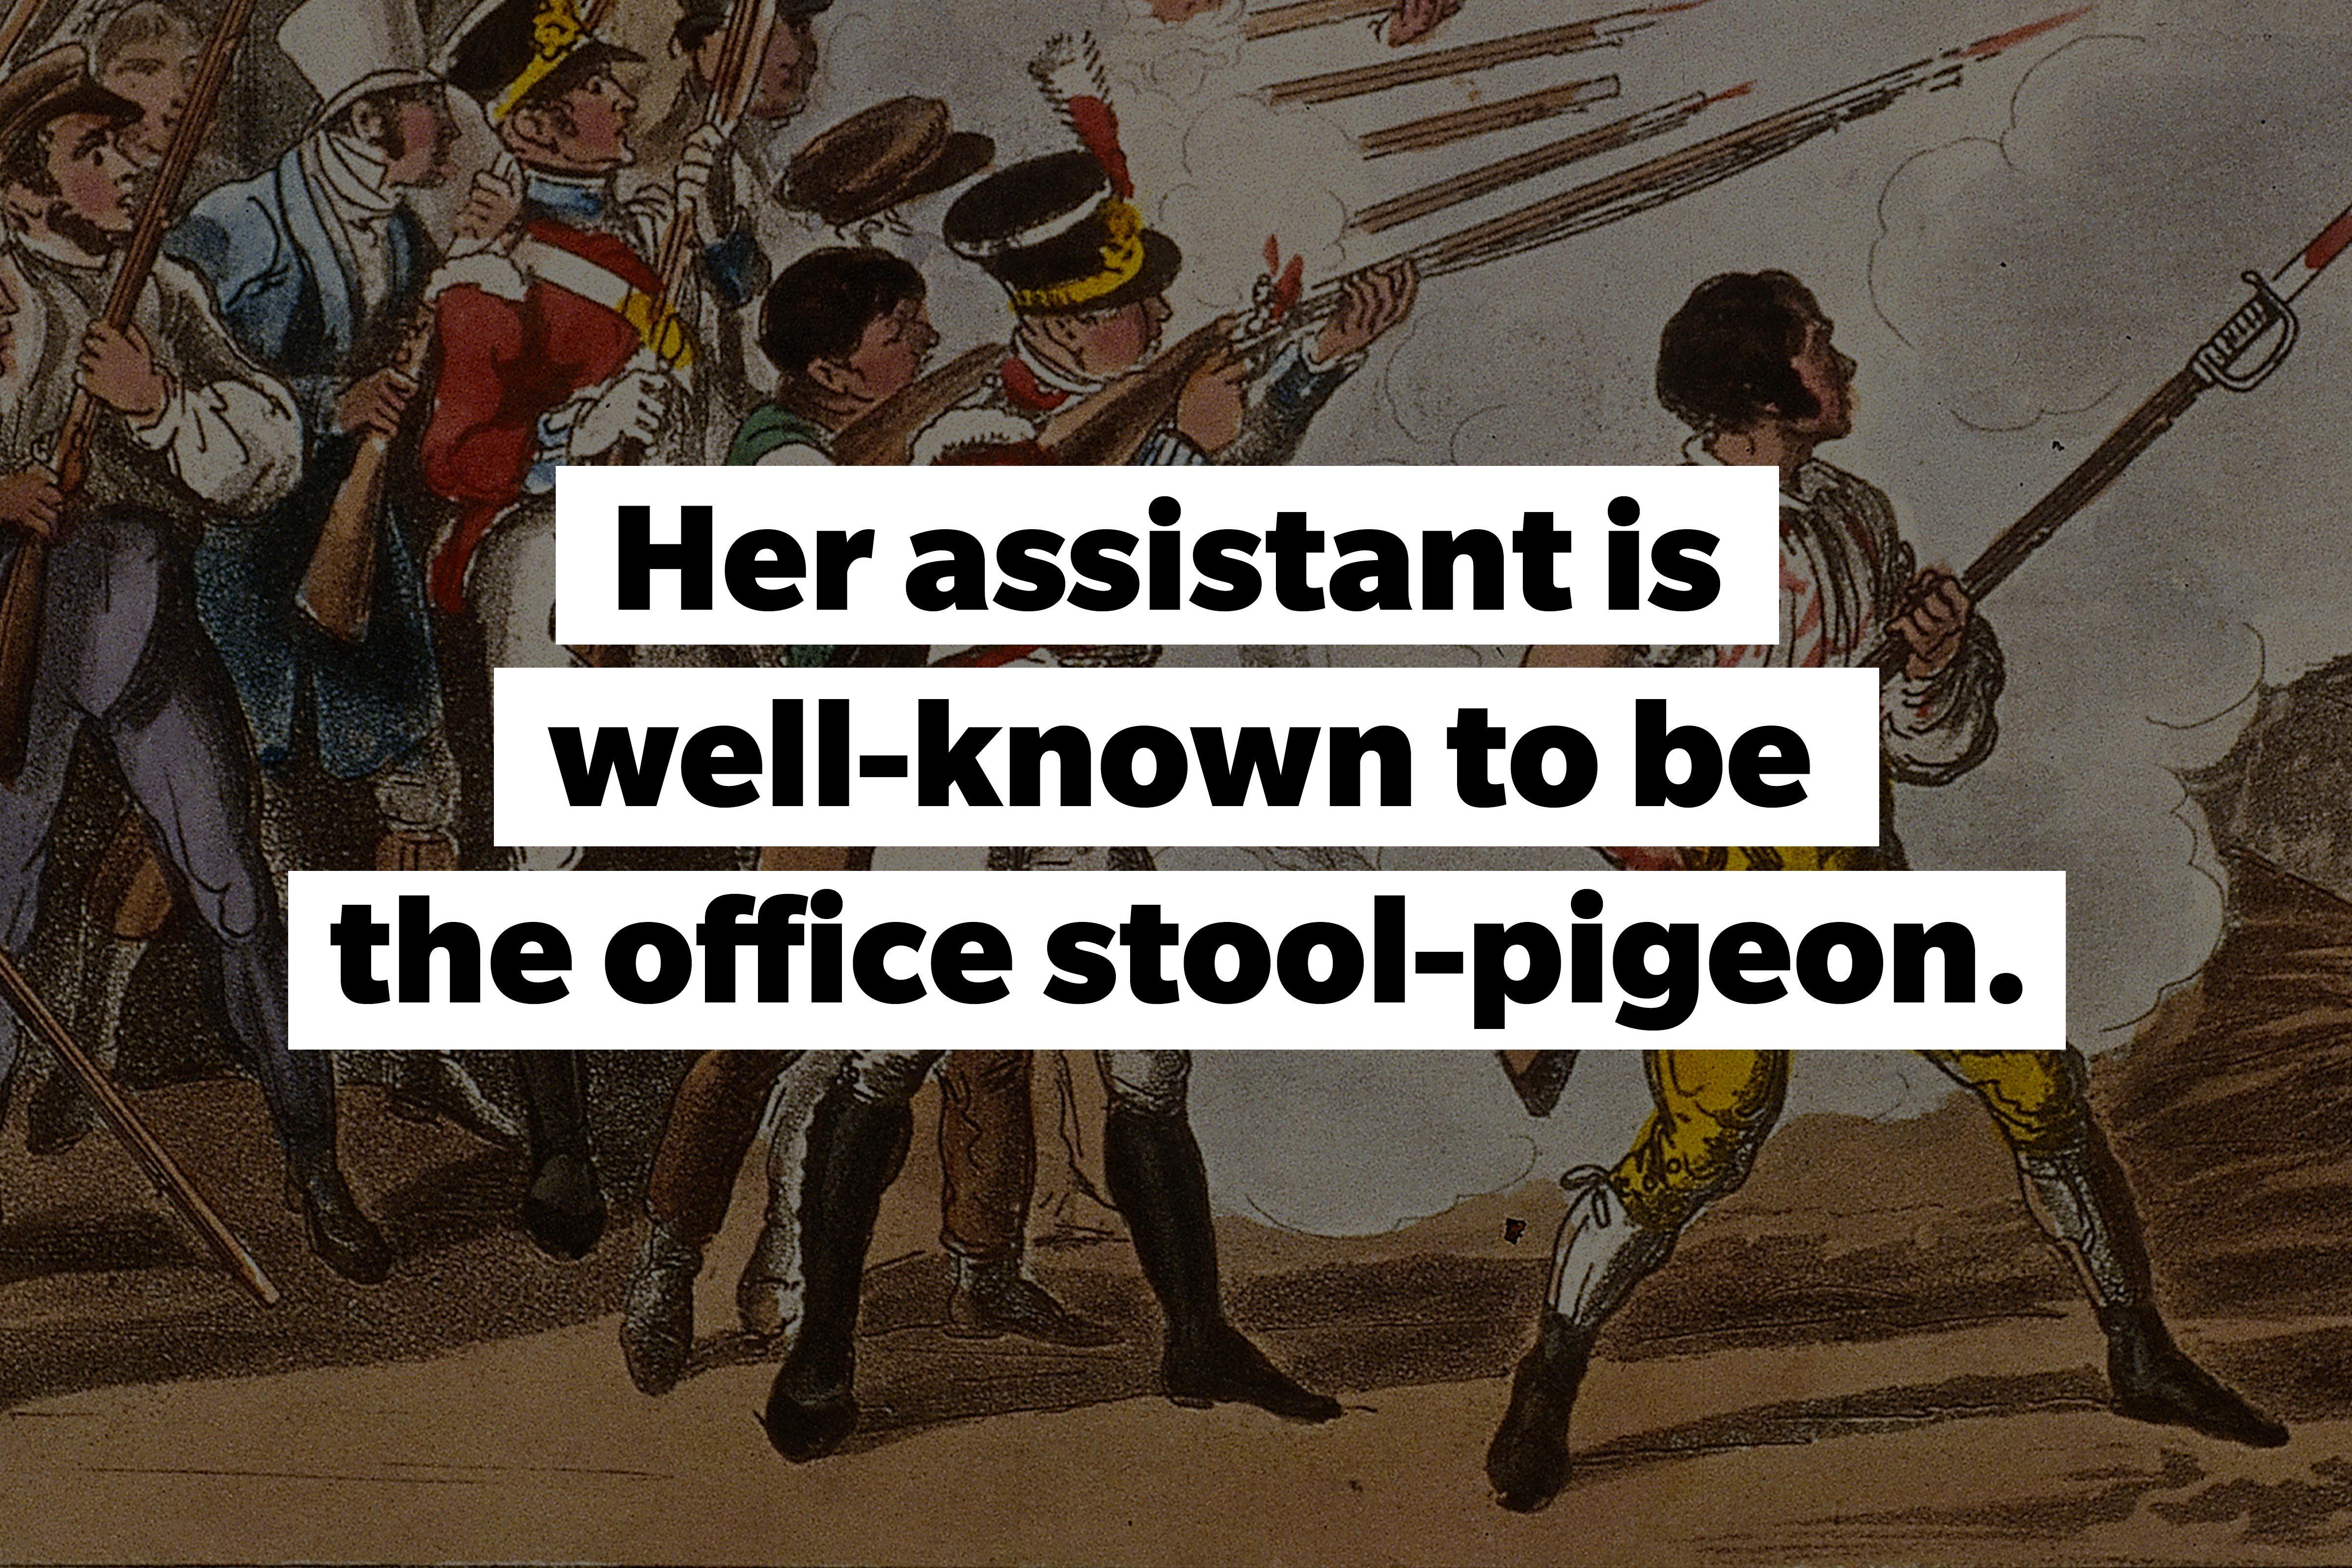 slang words Stool-pigeon